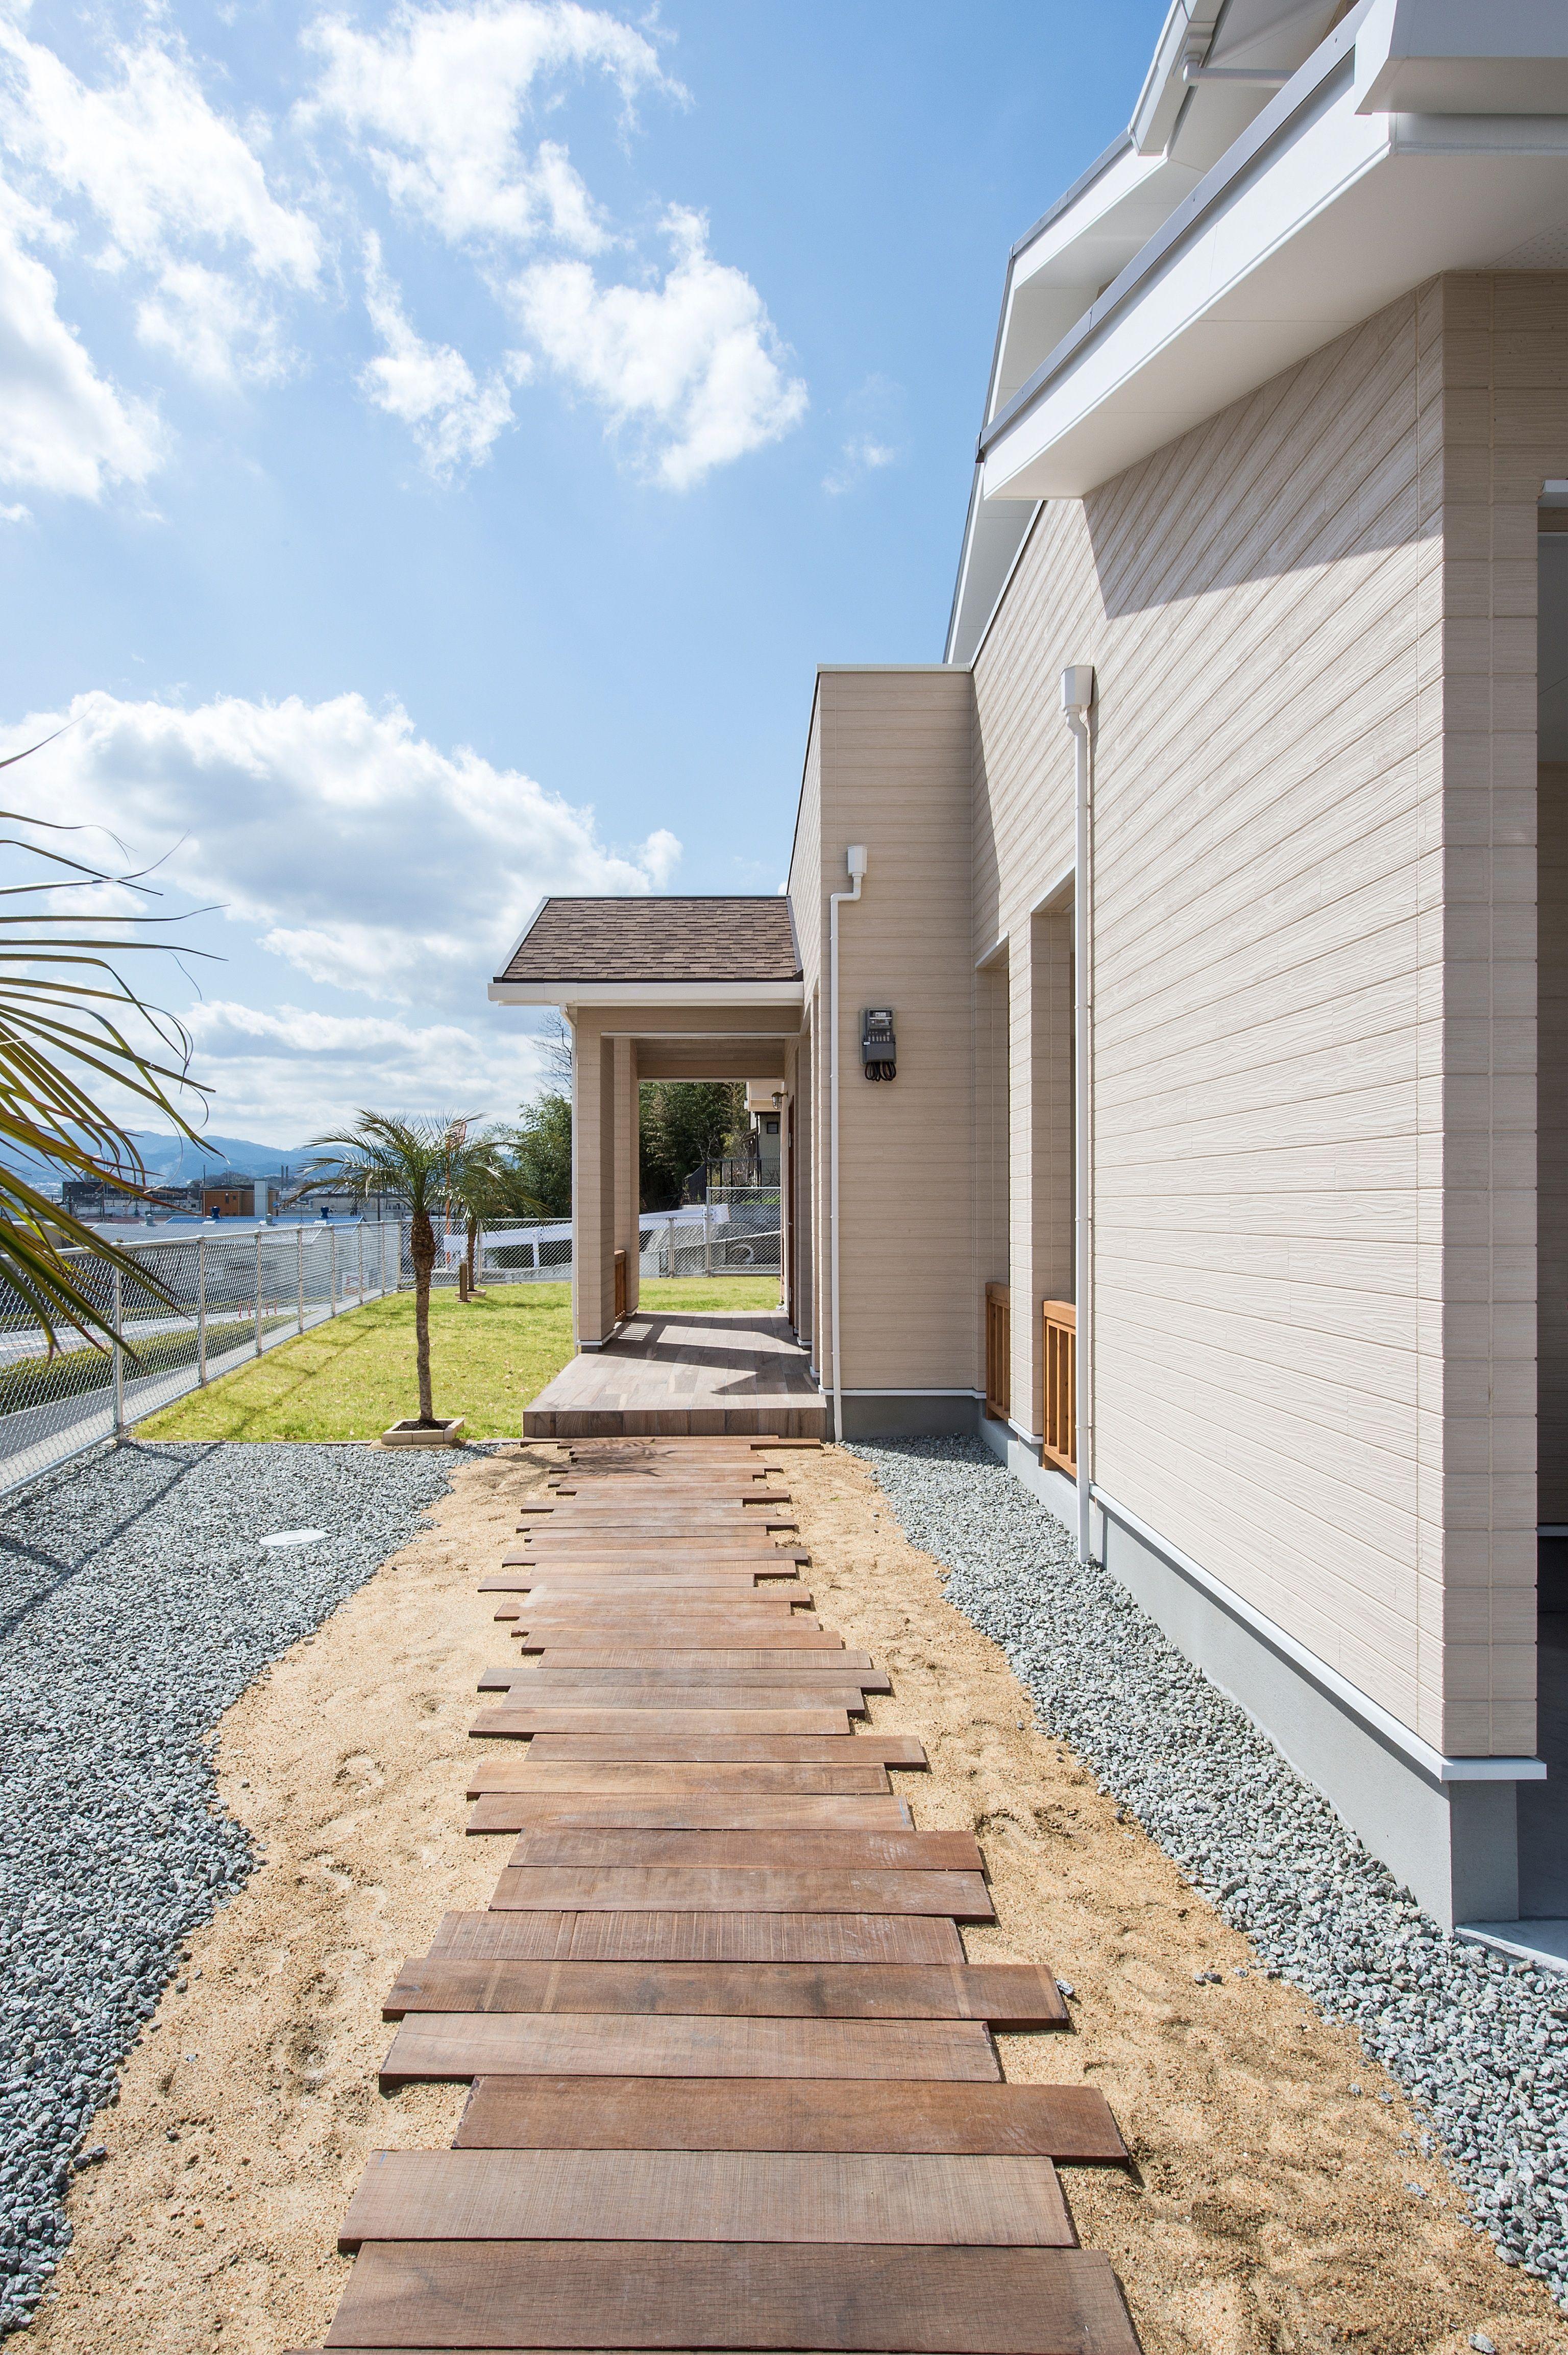 カリフォルニアスタイル 西海岸の風を感じる家 注文住宅の事例写真